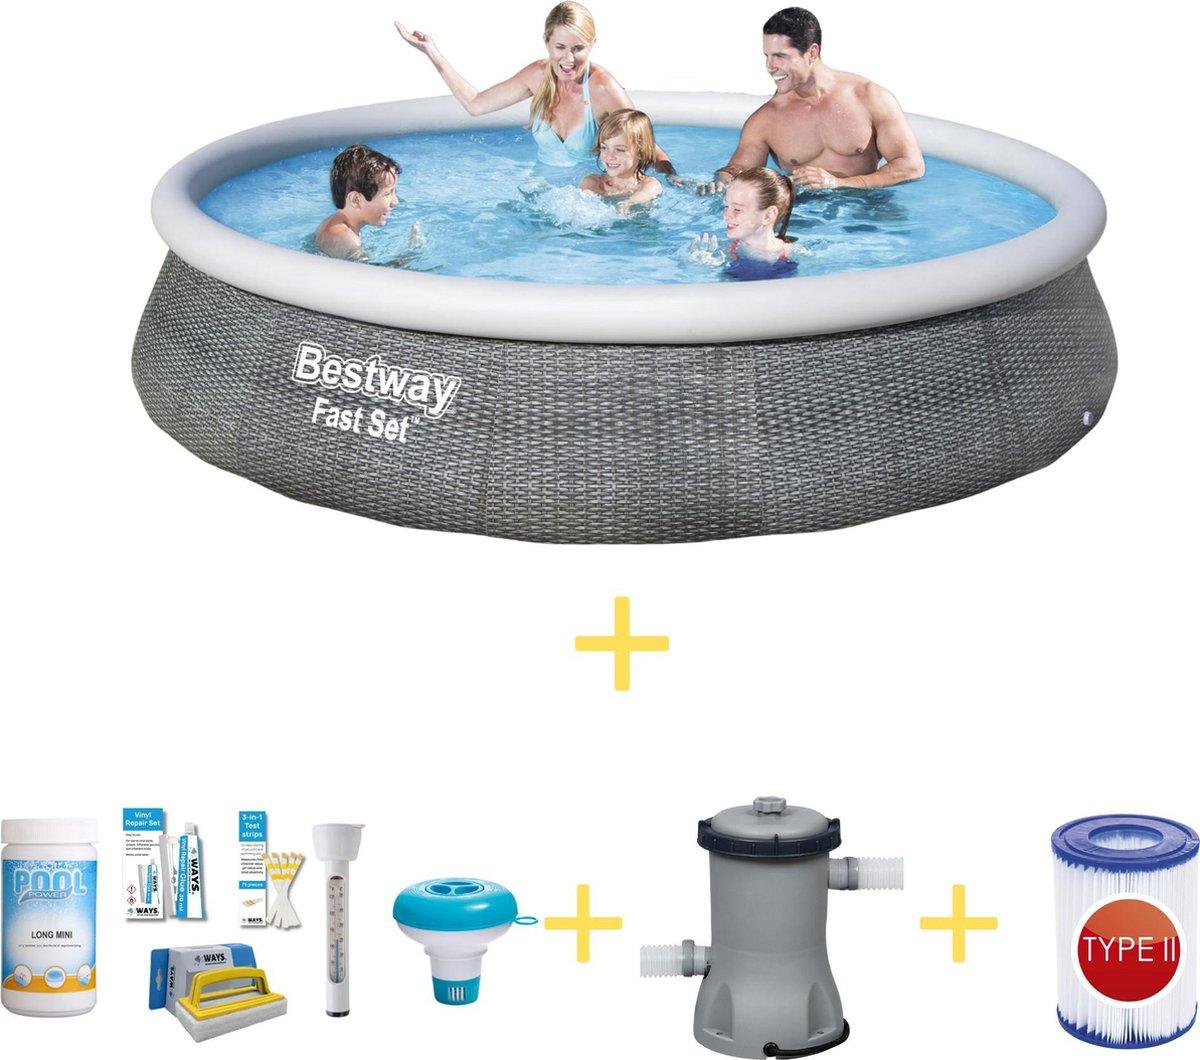 Bestway Zwembad - Fast Set - 396 x 84 cm - Inclusief WAYS Onderhoudspakket, Filterpomp & Filter